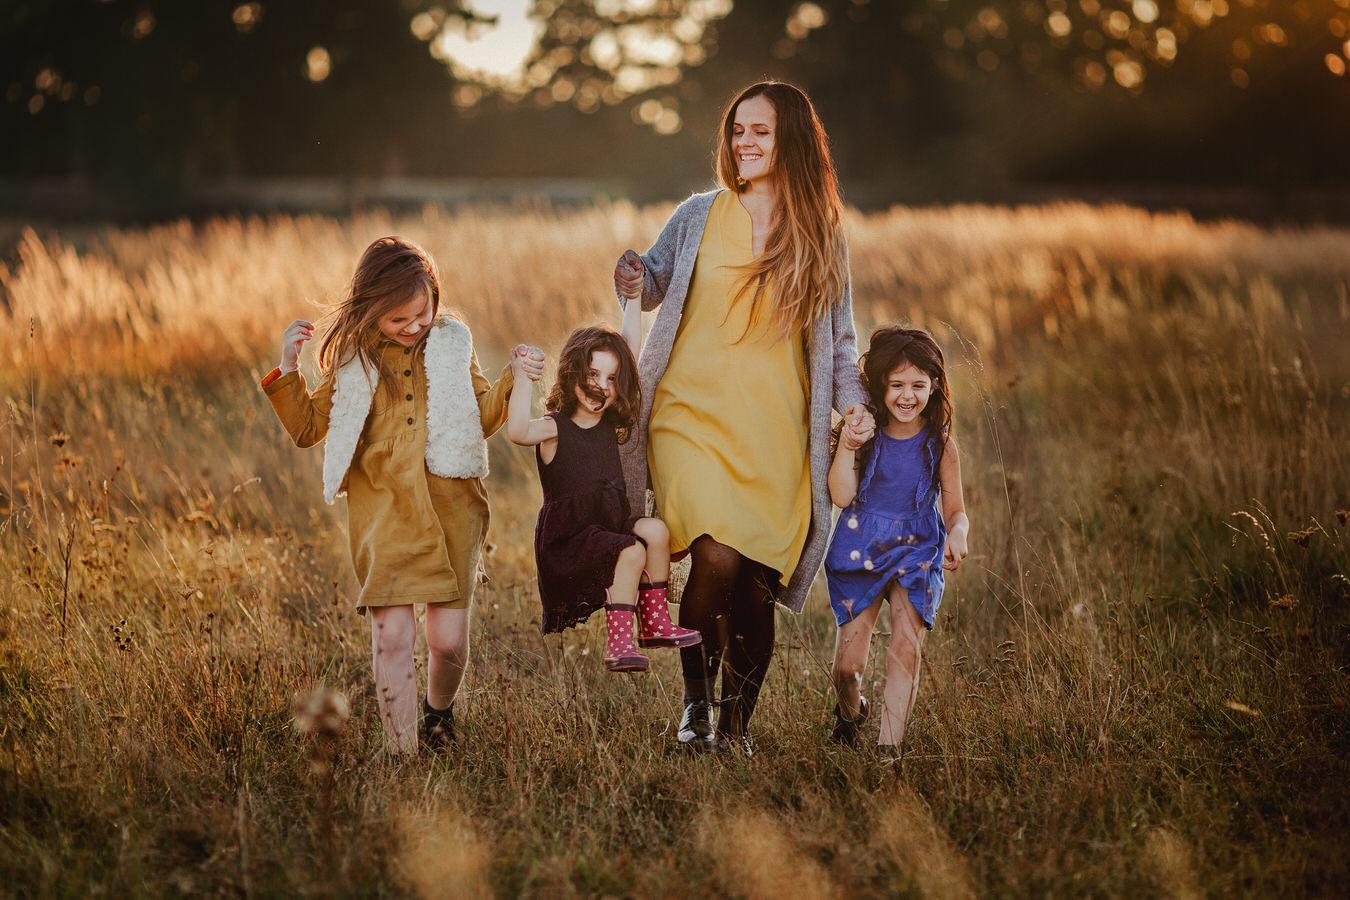 ședință foto de familie cu mămica si cele trei fetițe